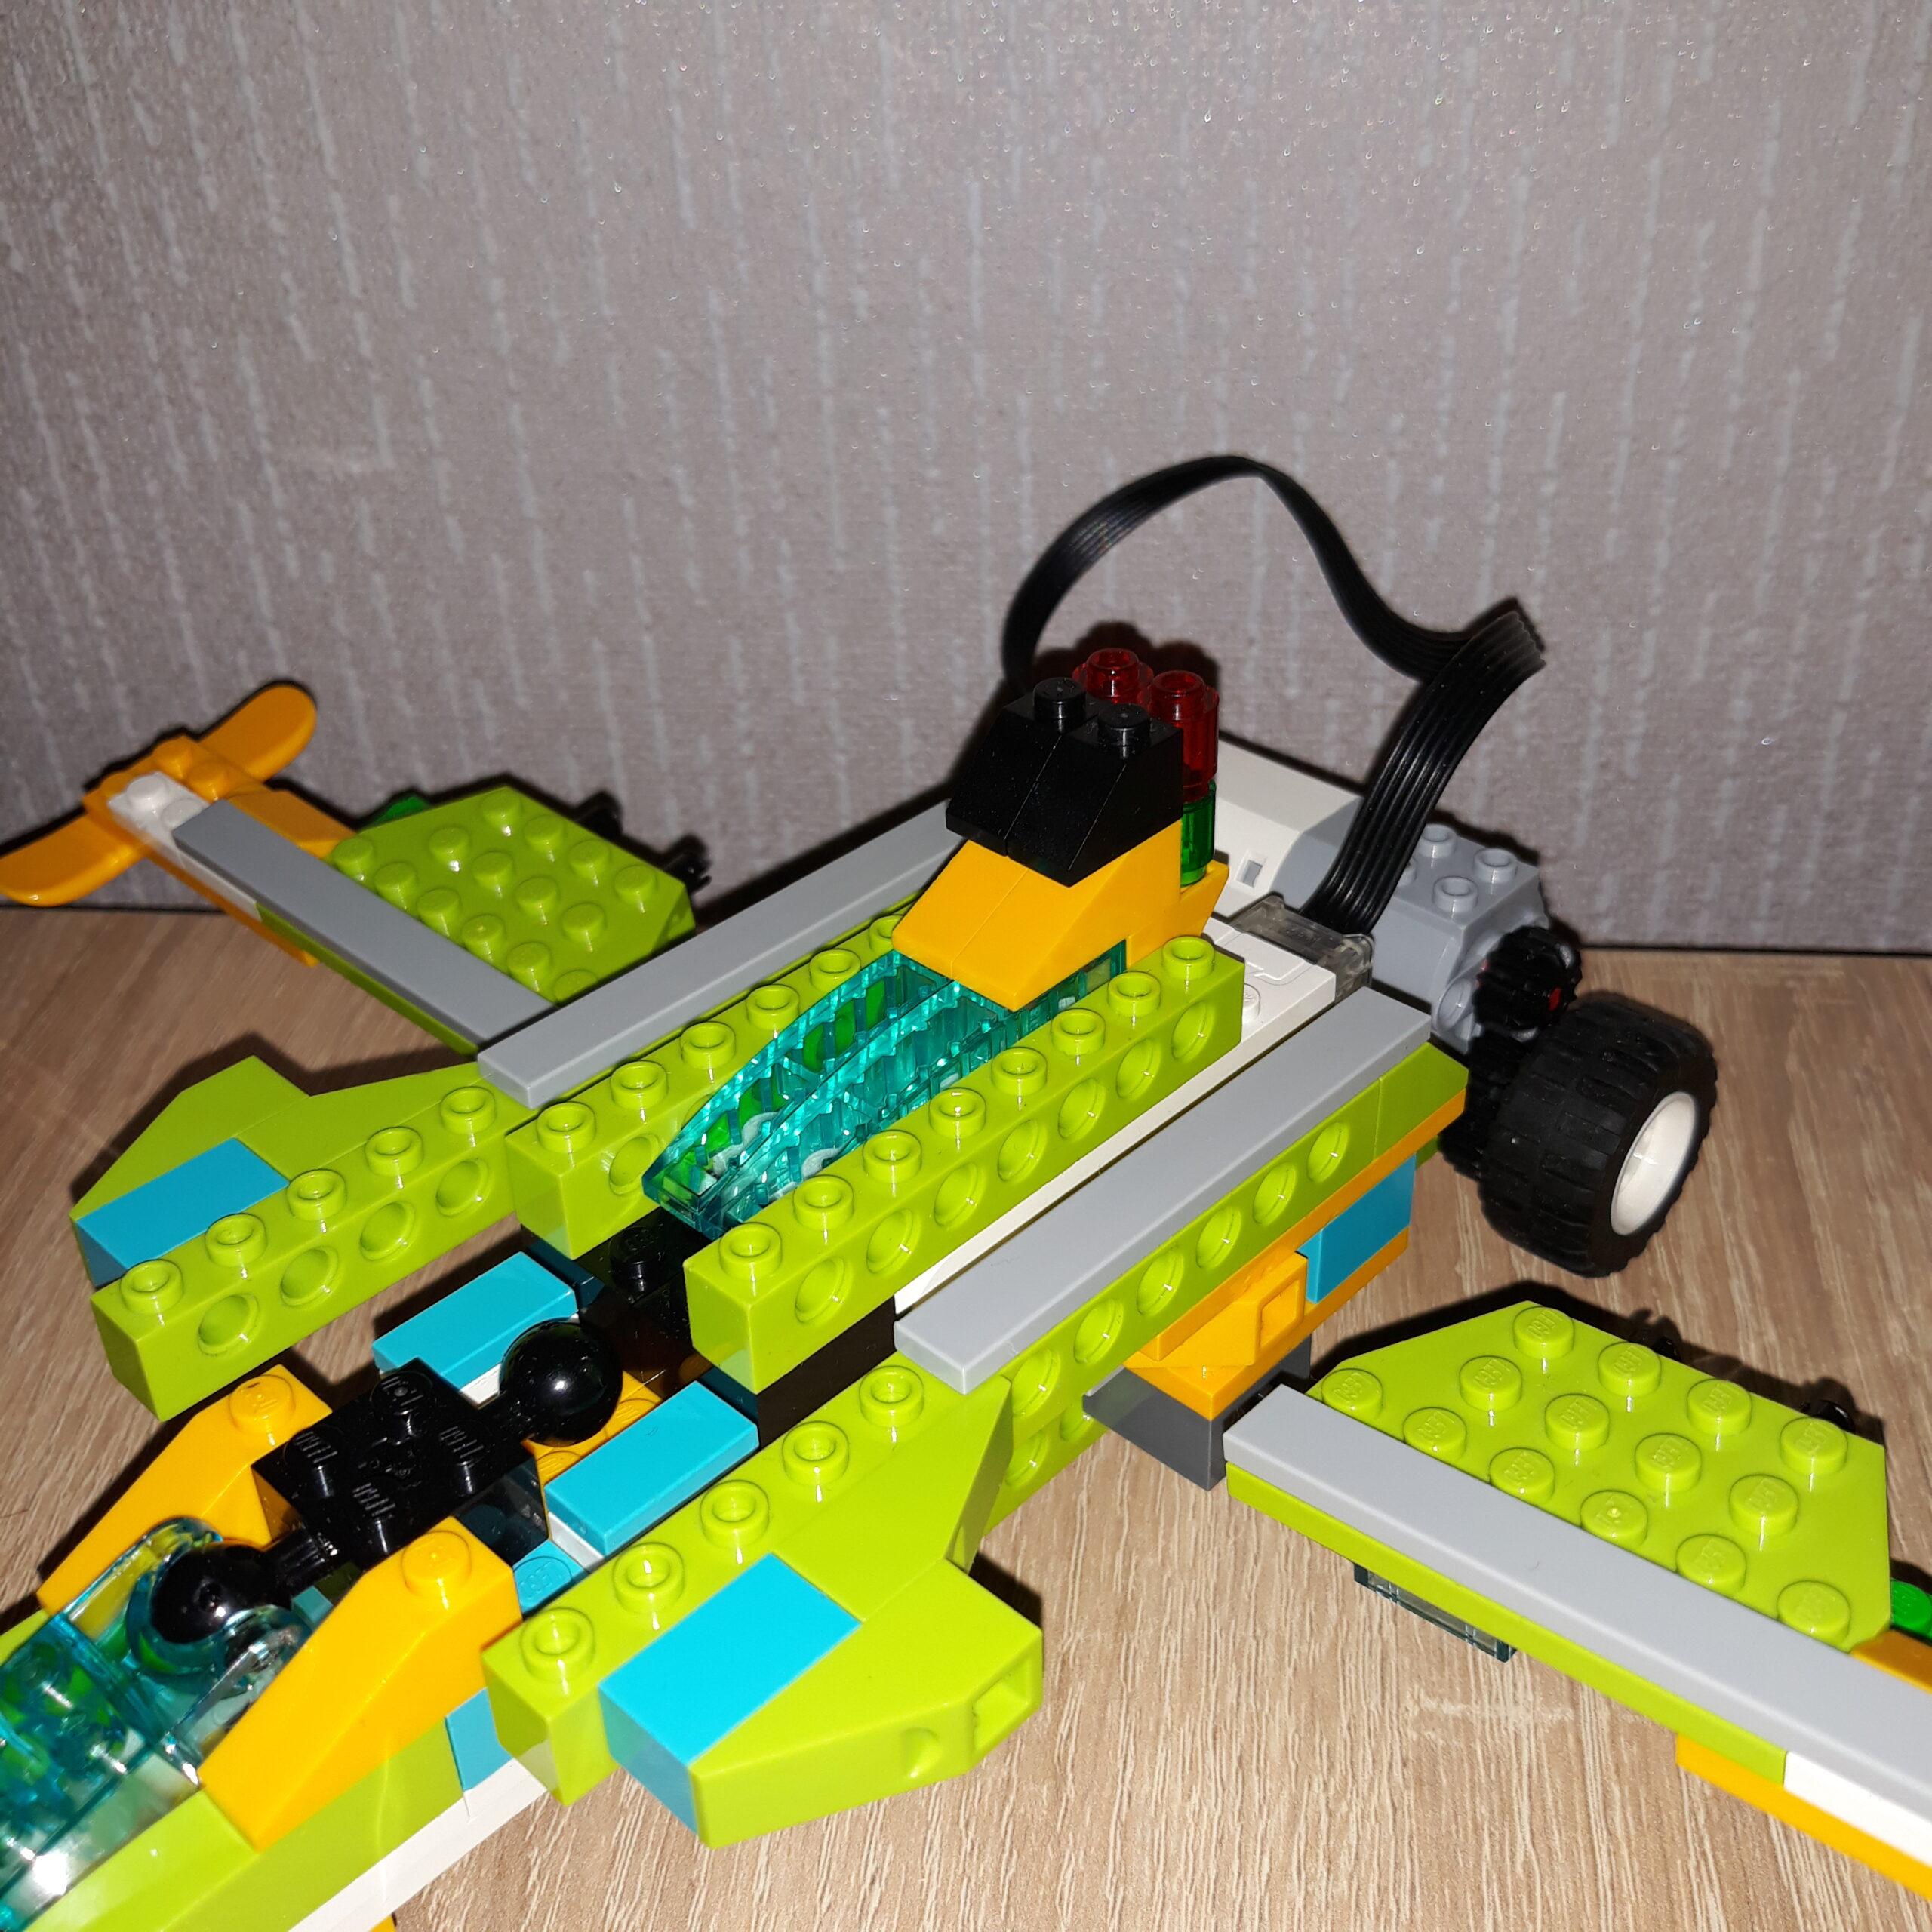 Схема сборки из набора LEGO Education WeDo 2.0 Самолет Jet Fighter